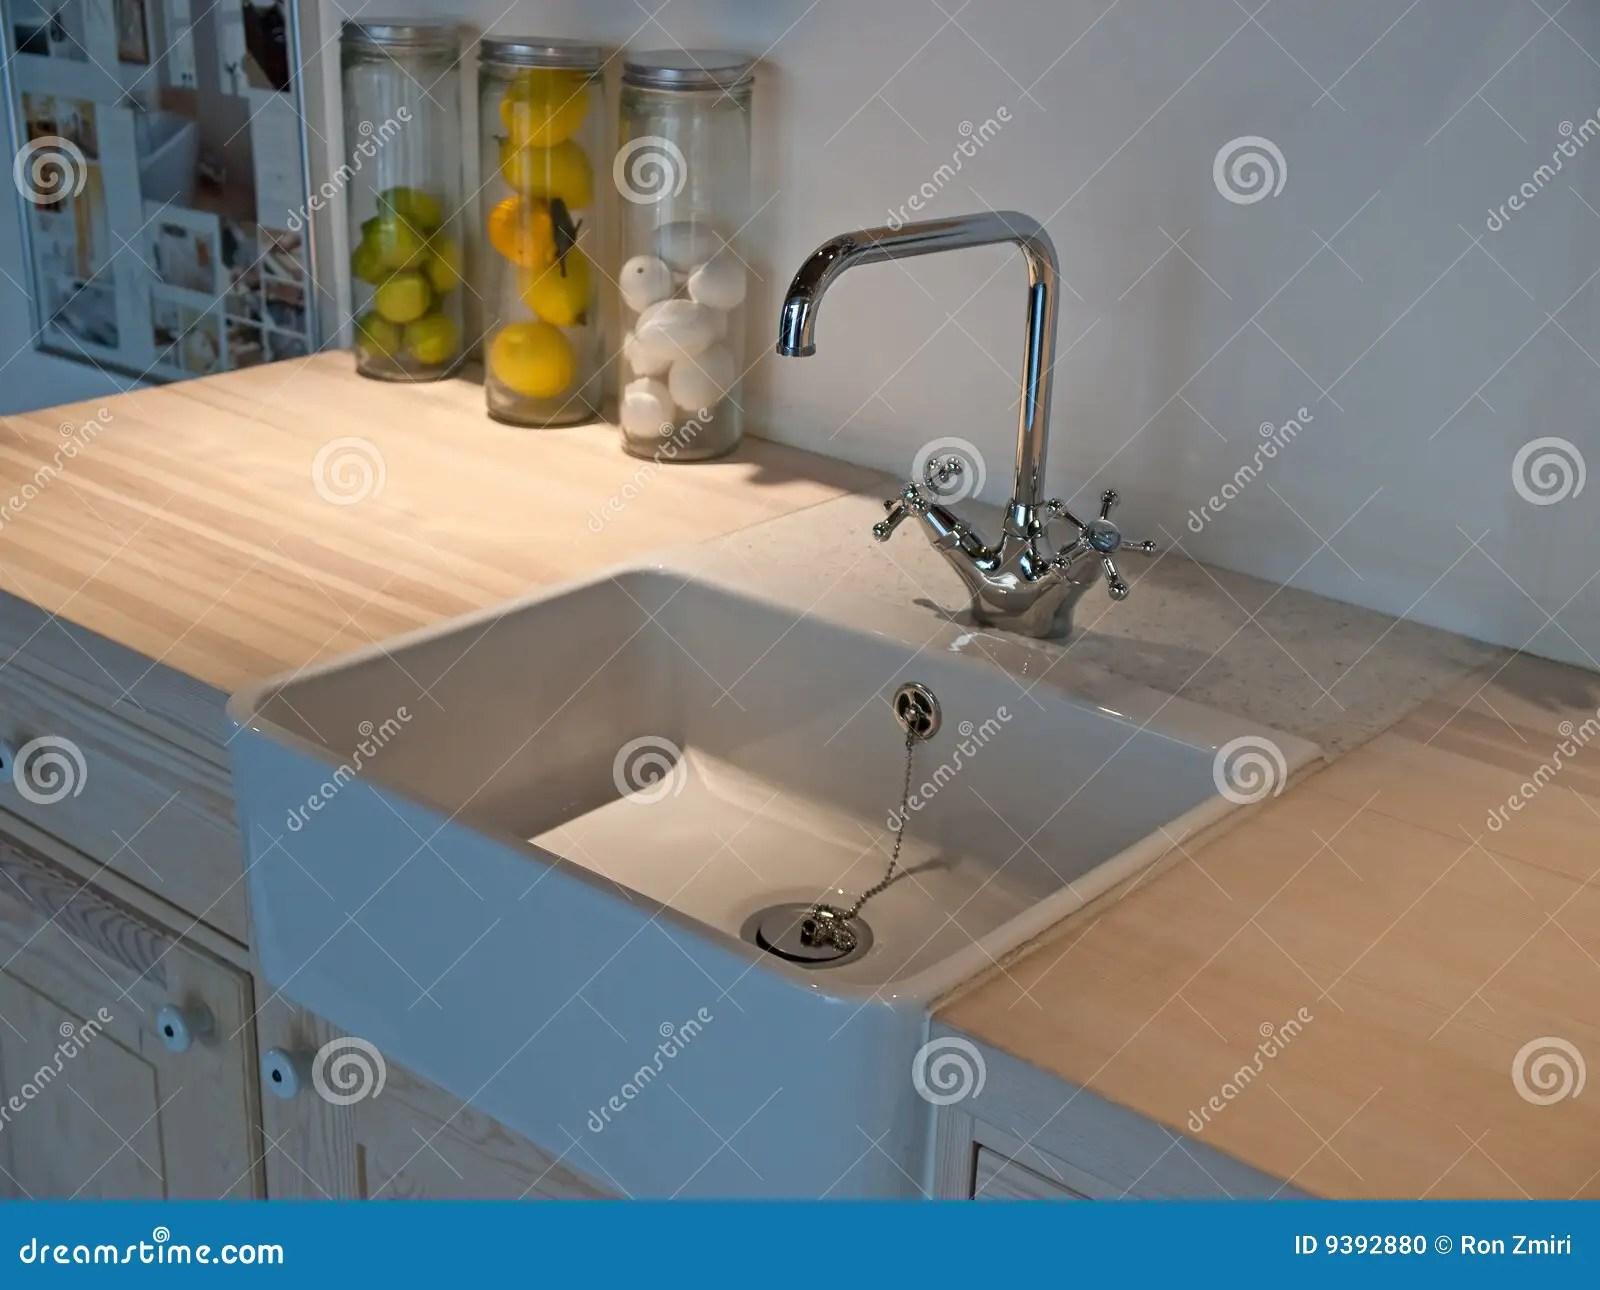 kitchen faucets for sale red table set 古典龙头厨房水槽轻拍库存照片 图片包括有机柜 内部 清洁 干净 厨房 古典设计详细资料龙头厨房现代水槽时髦自来水